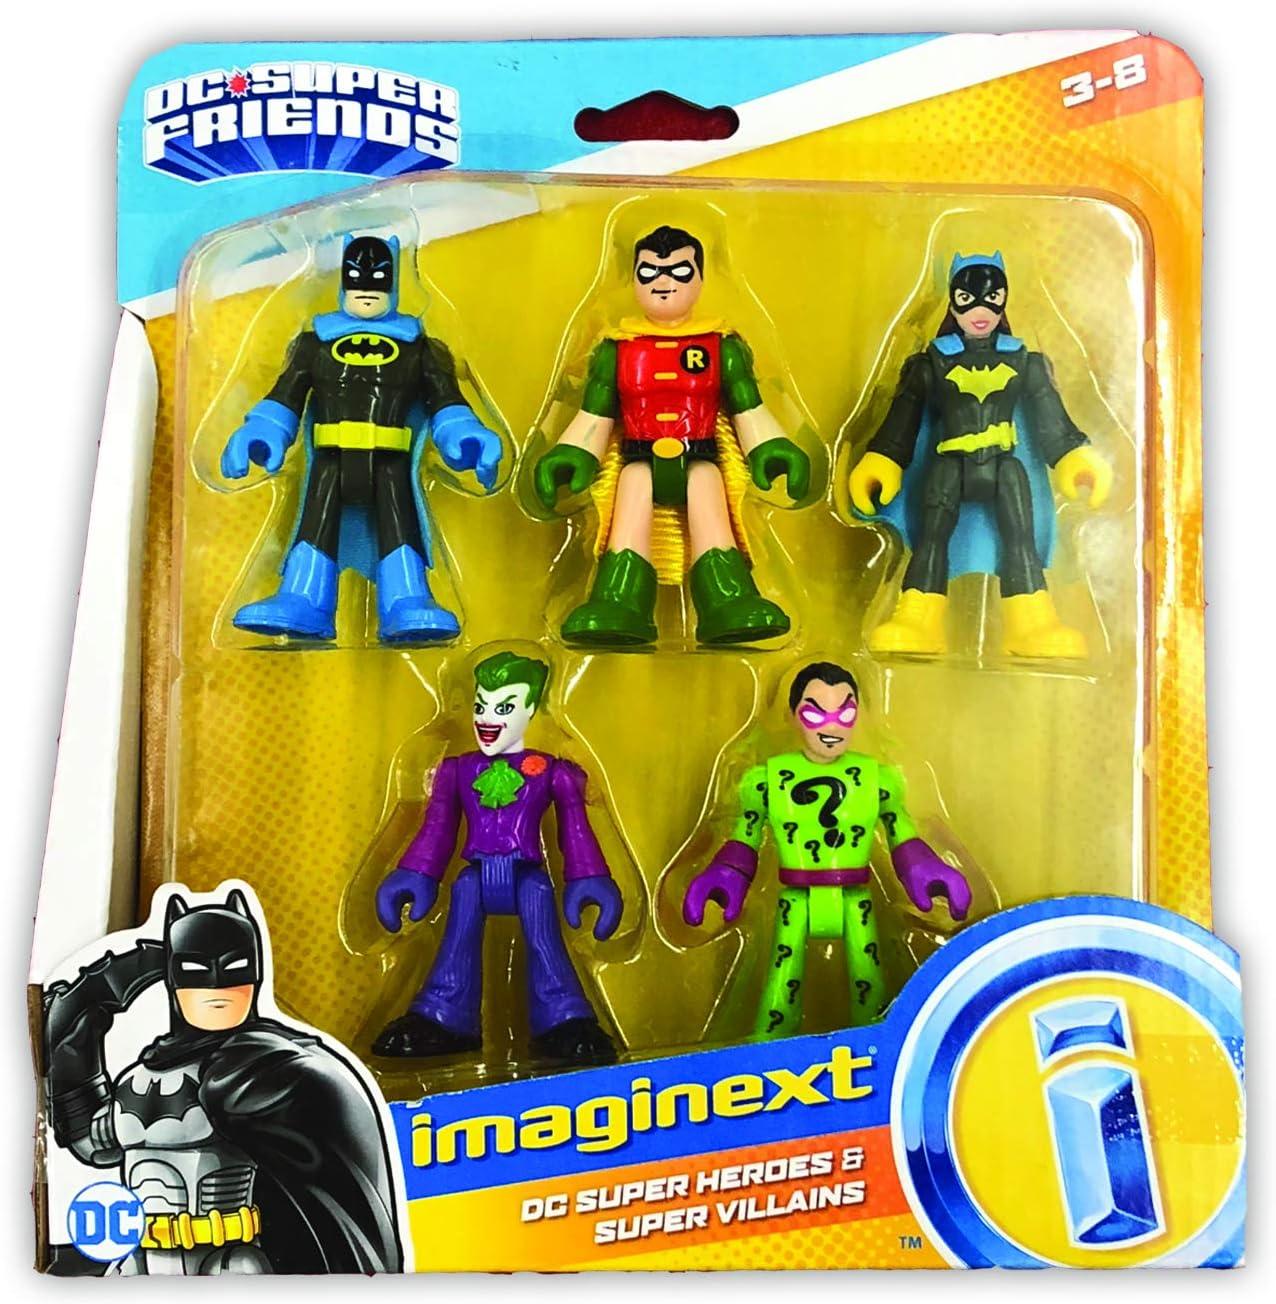 Imaginext DC SUPERAMICI FRECCIA VERDE Fisher Price Action figure nuovo giocattolo